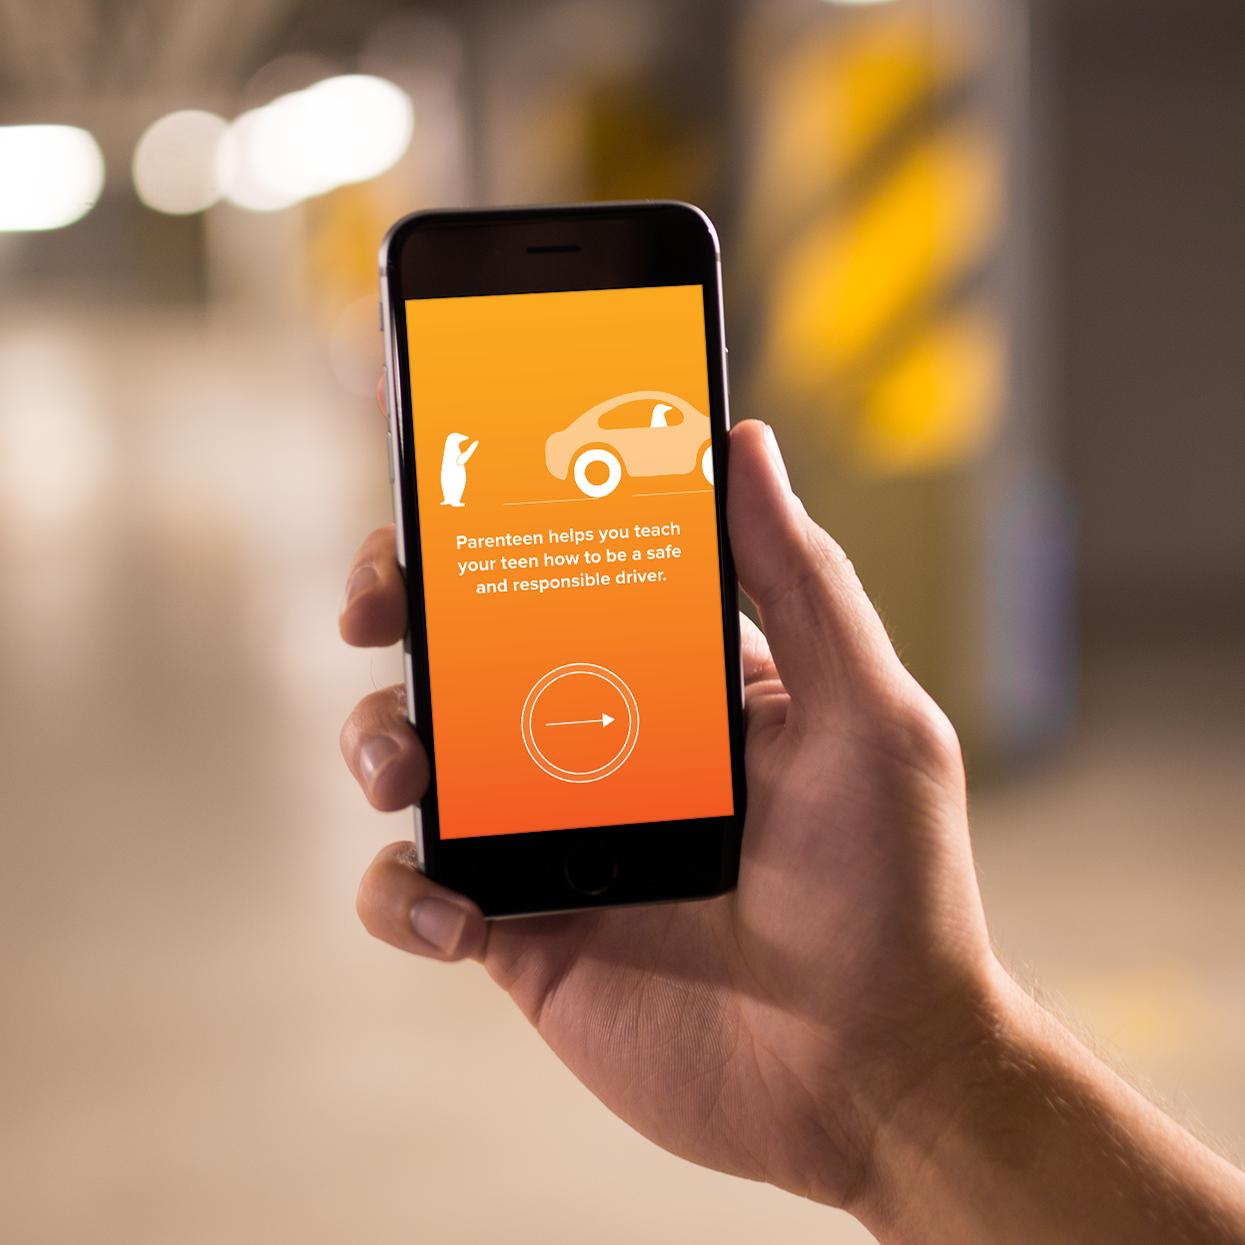 Parenteen, a safe driving app